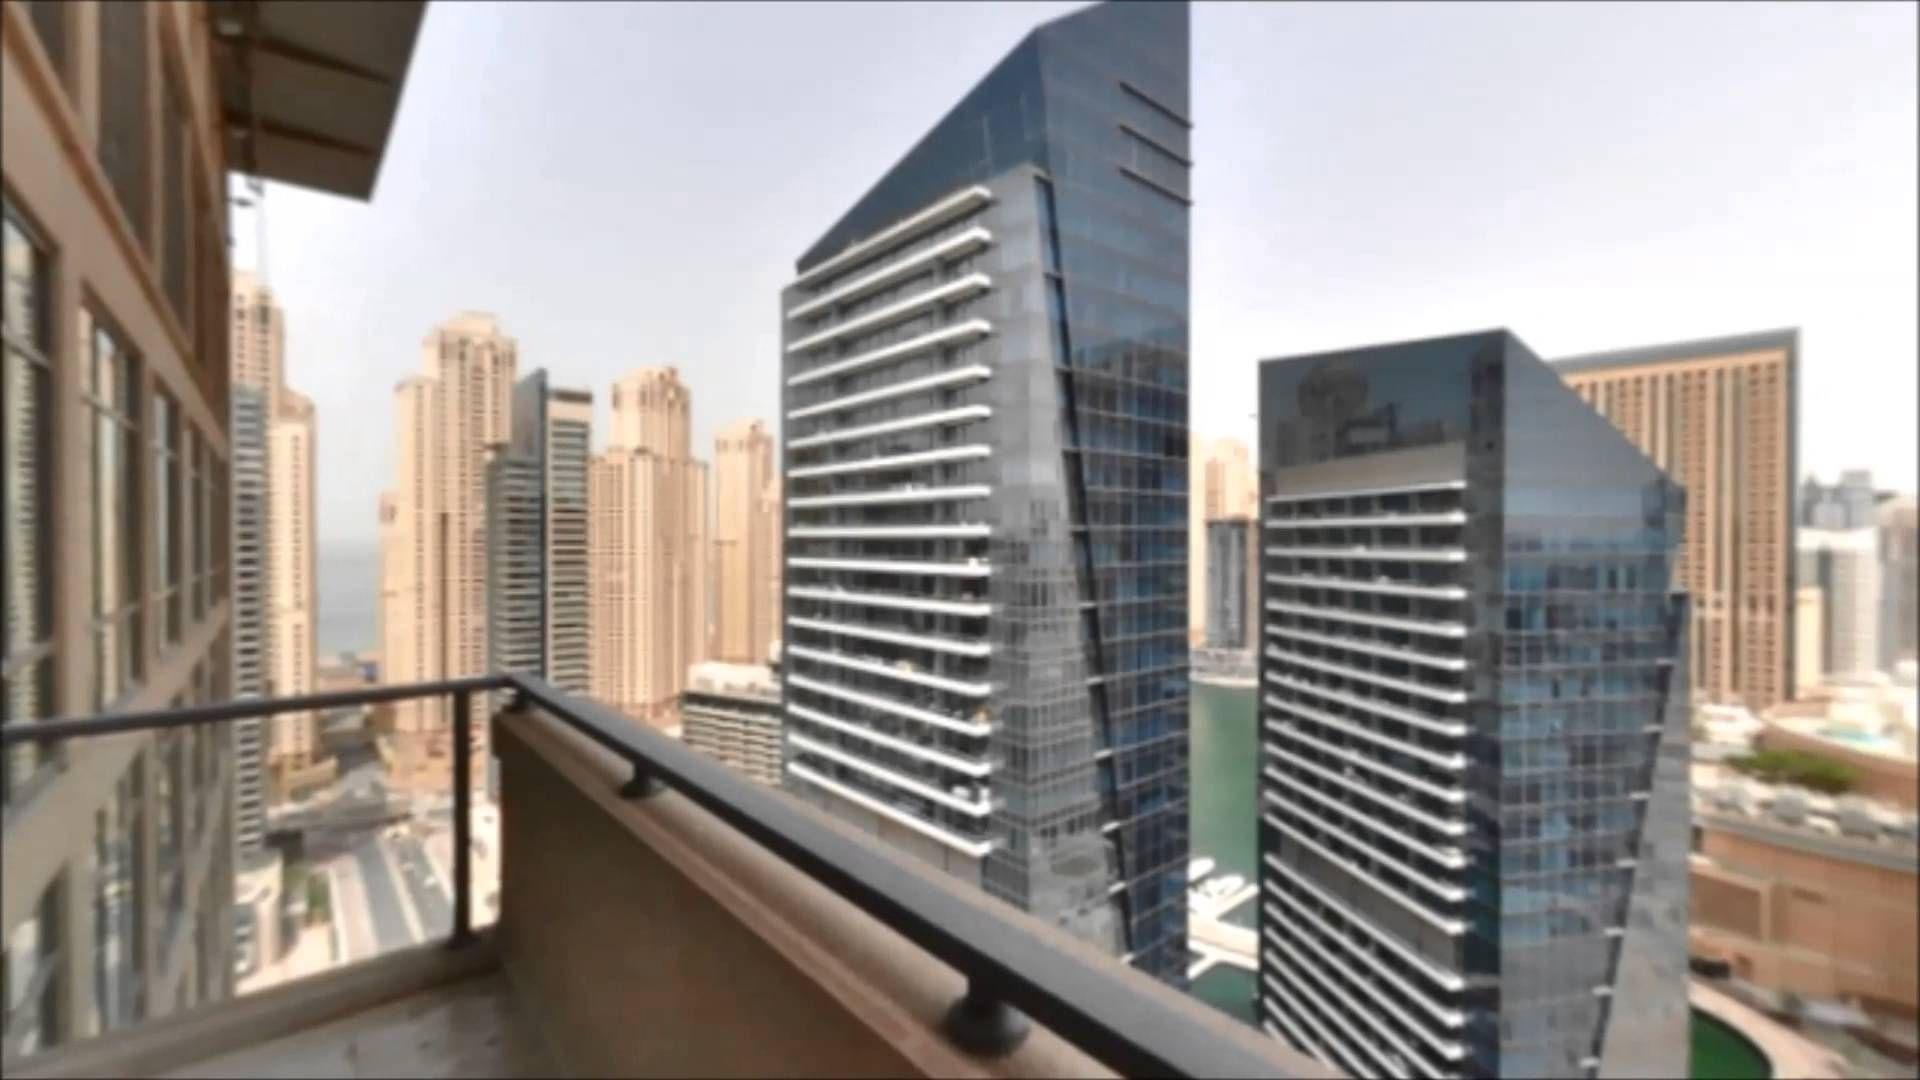 Al Majara 1 Apartment Marina View 1447 sq ft 2 Bed 1st